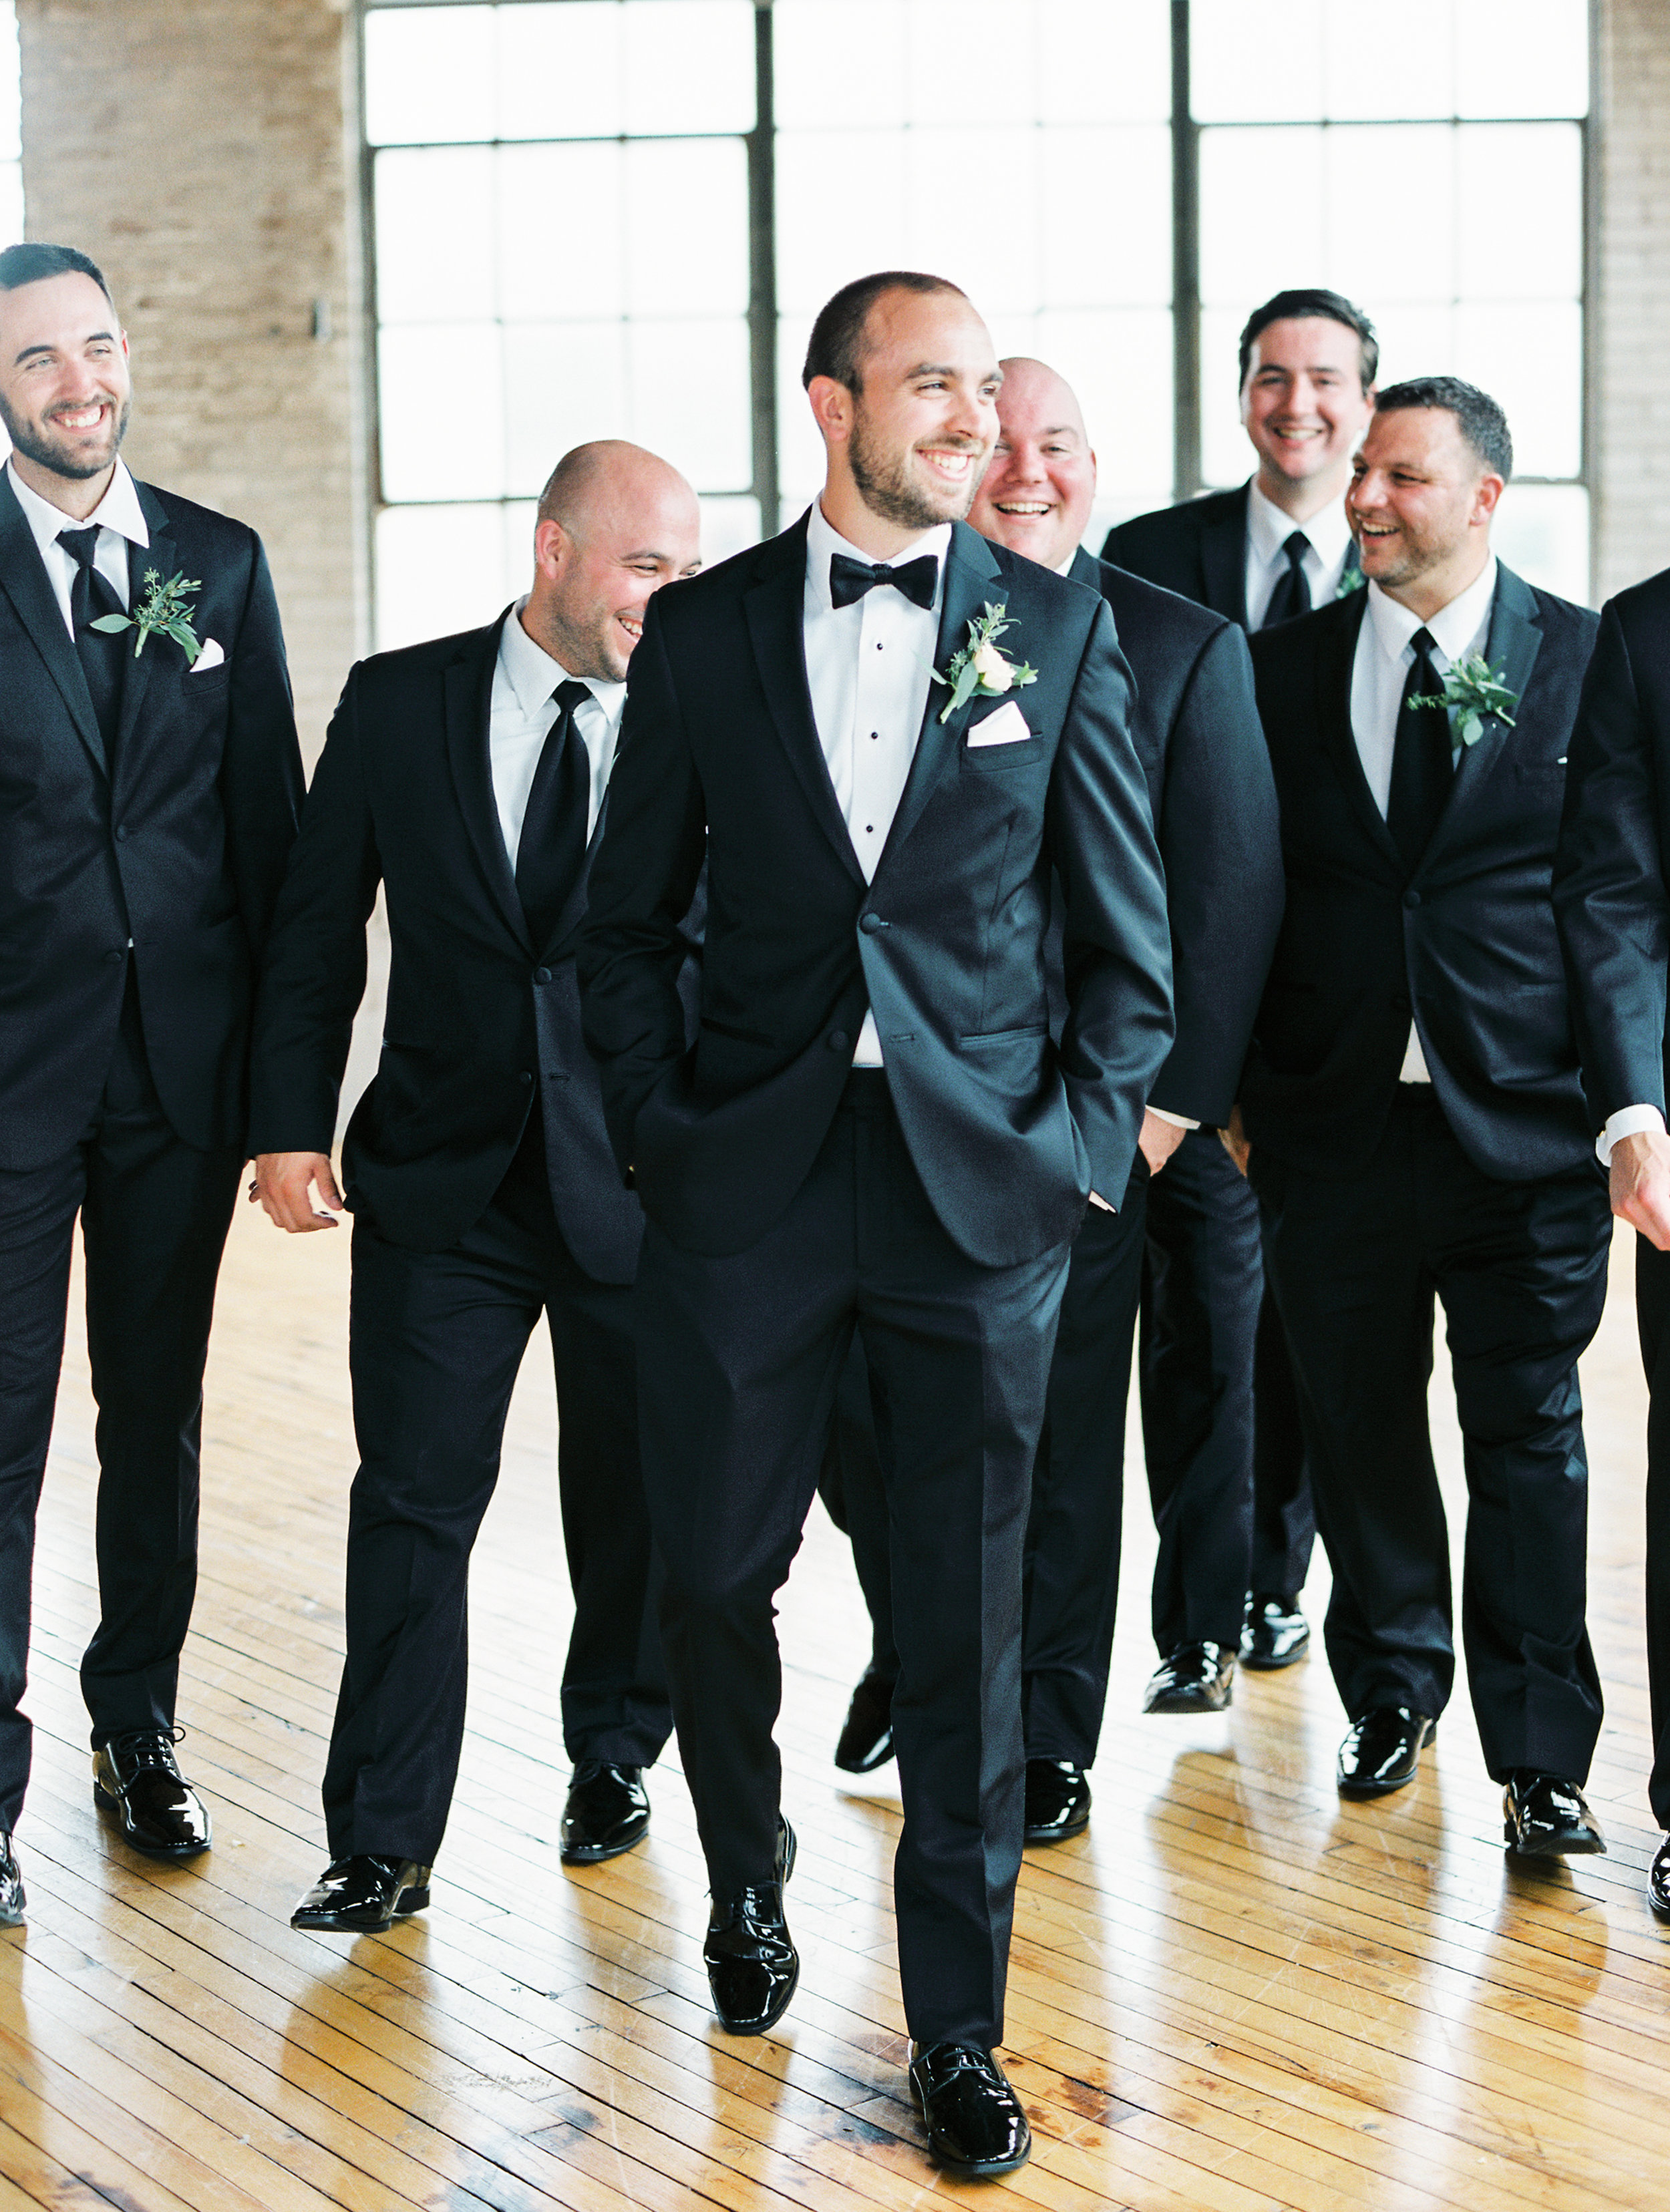 Steiner+Wedding+Groom+Groomsmen-54.jpg